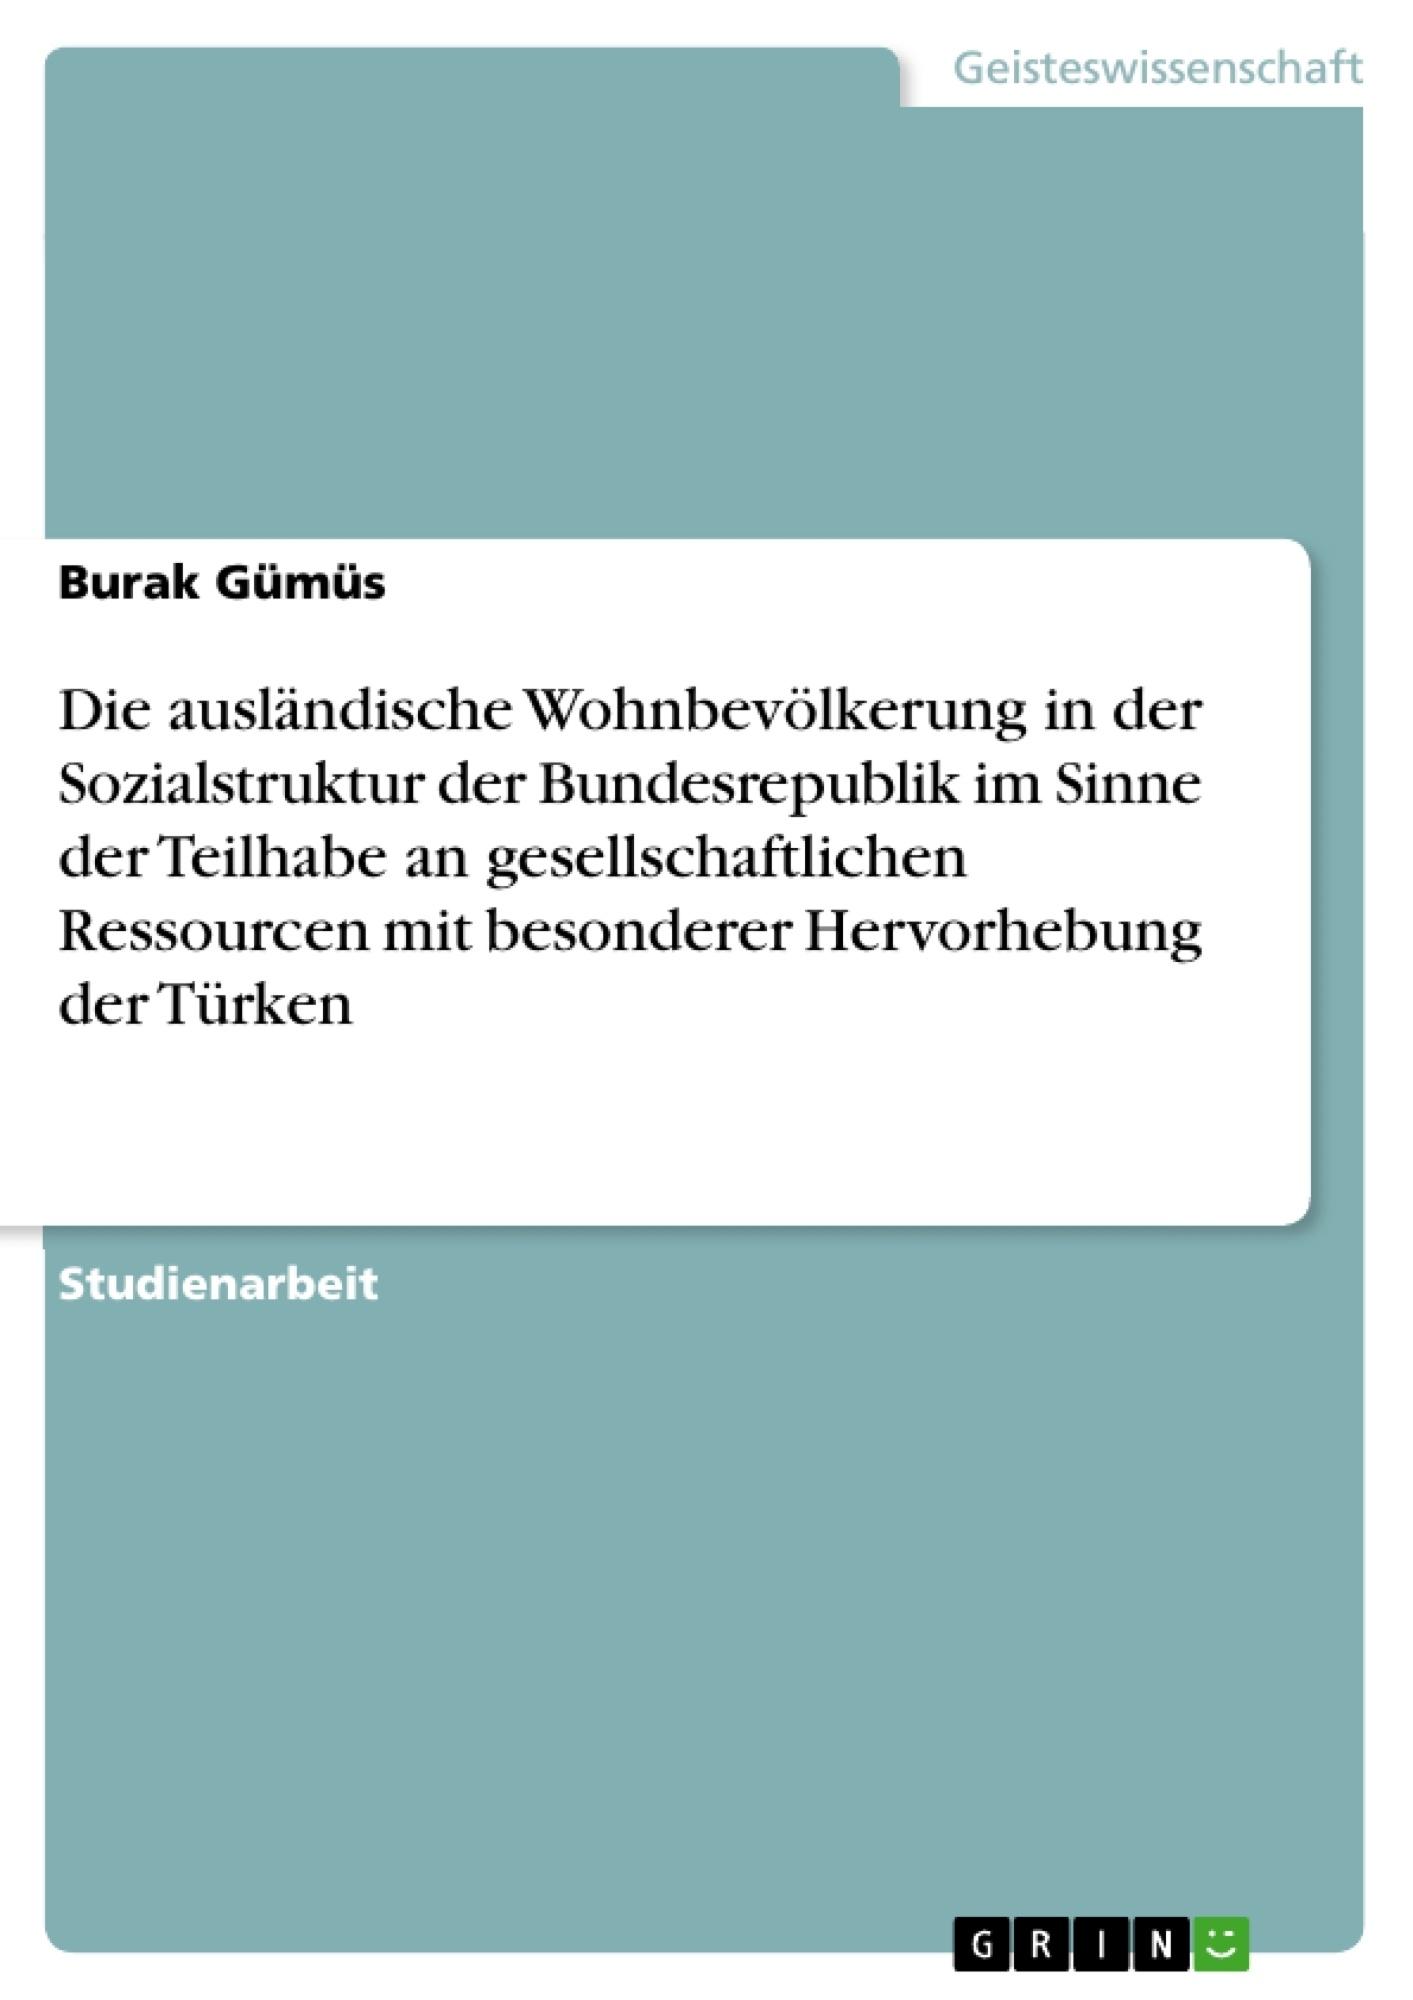 Titel: Die ausländische Wohnbevölkerung in der Sozialstruktur der Bundesrepublik im Sinne der Teilhabe an gesellschaftlichen Ressourcen mit besonderer Hervorhebung der Türken